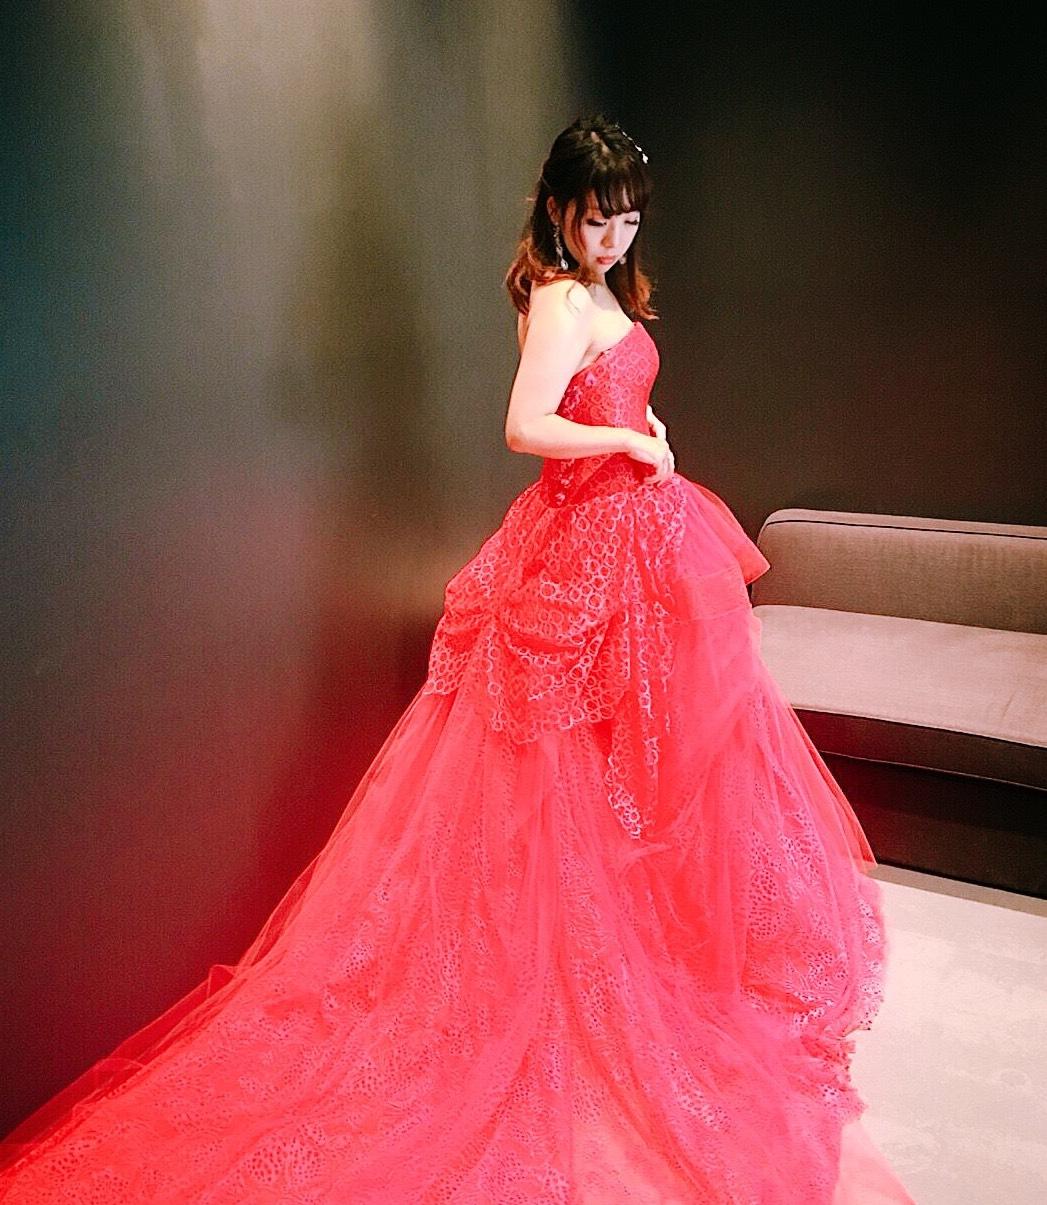 ドレス迷子必見..♥♡虜になったヴェラウォンのドレス試着レポを